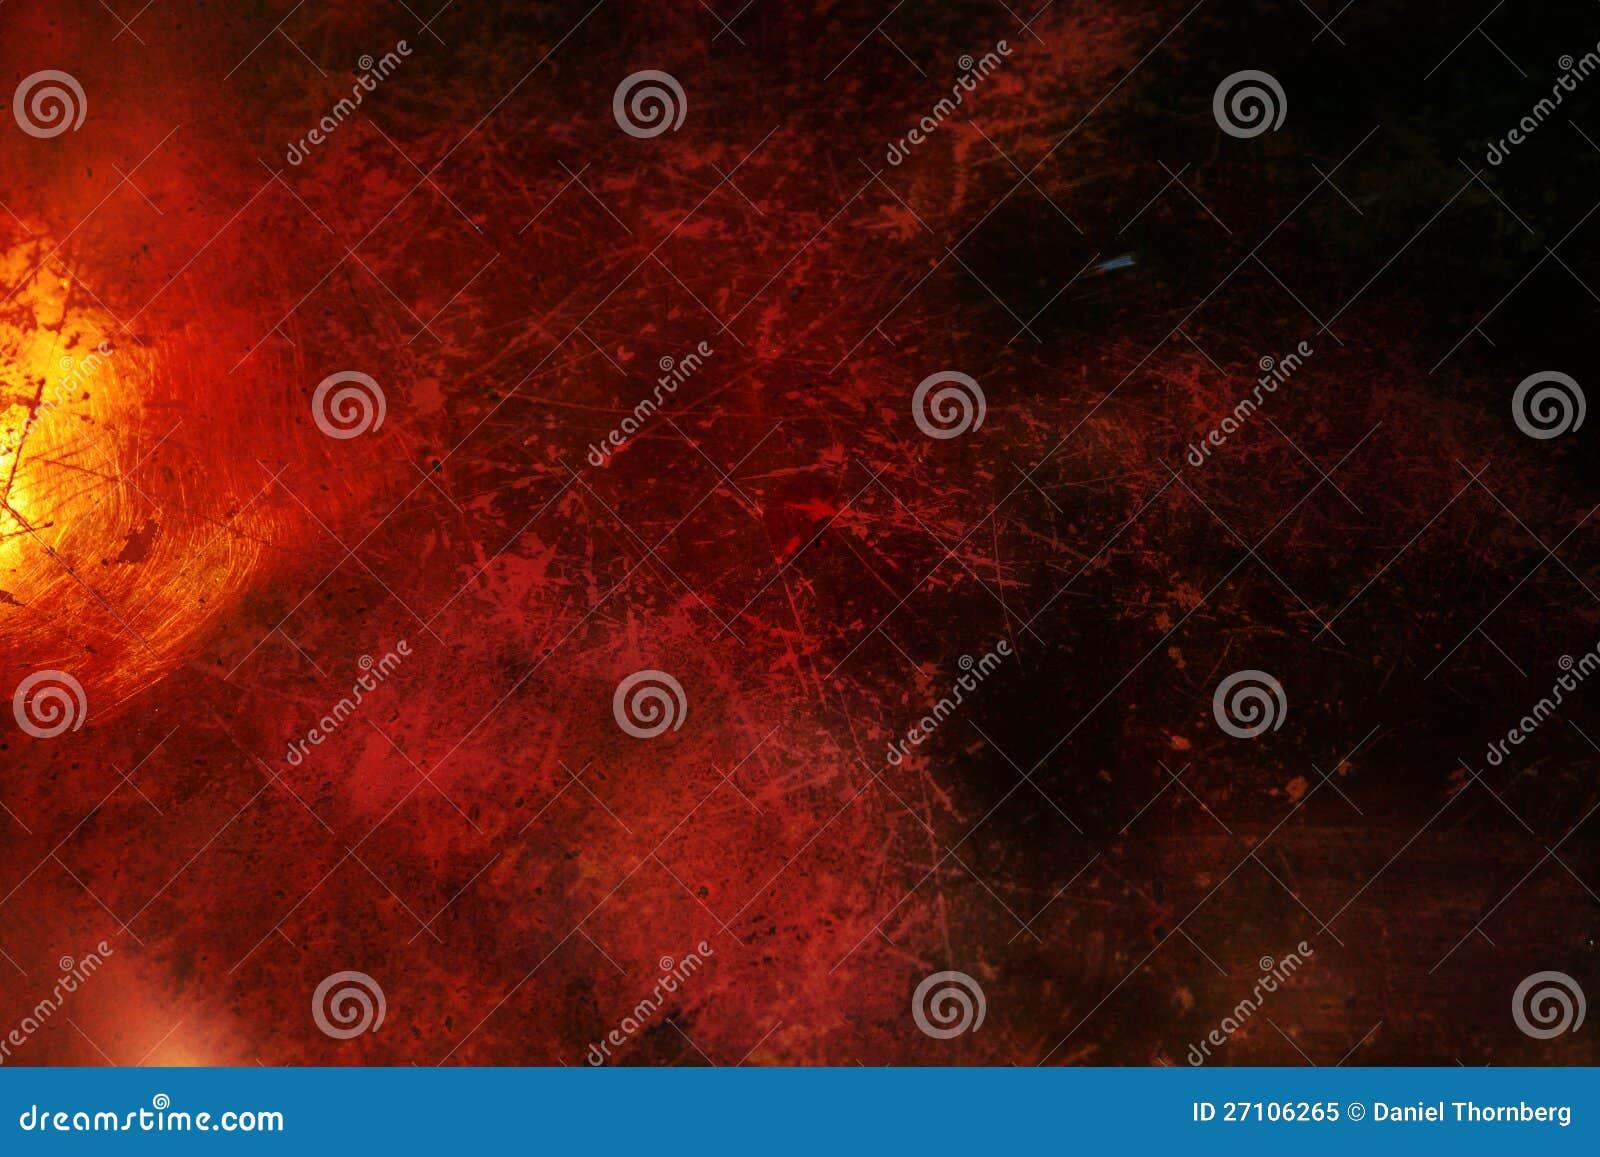 Zmrok - z narysami grunge czerwony tło